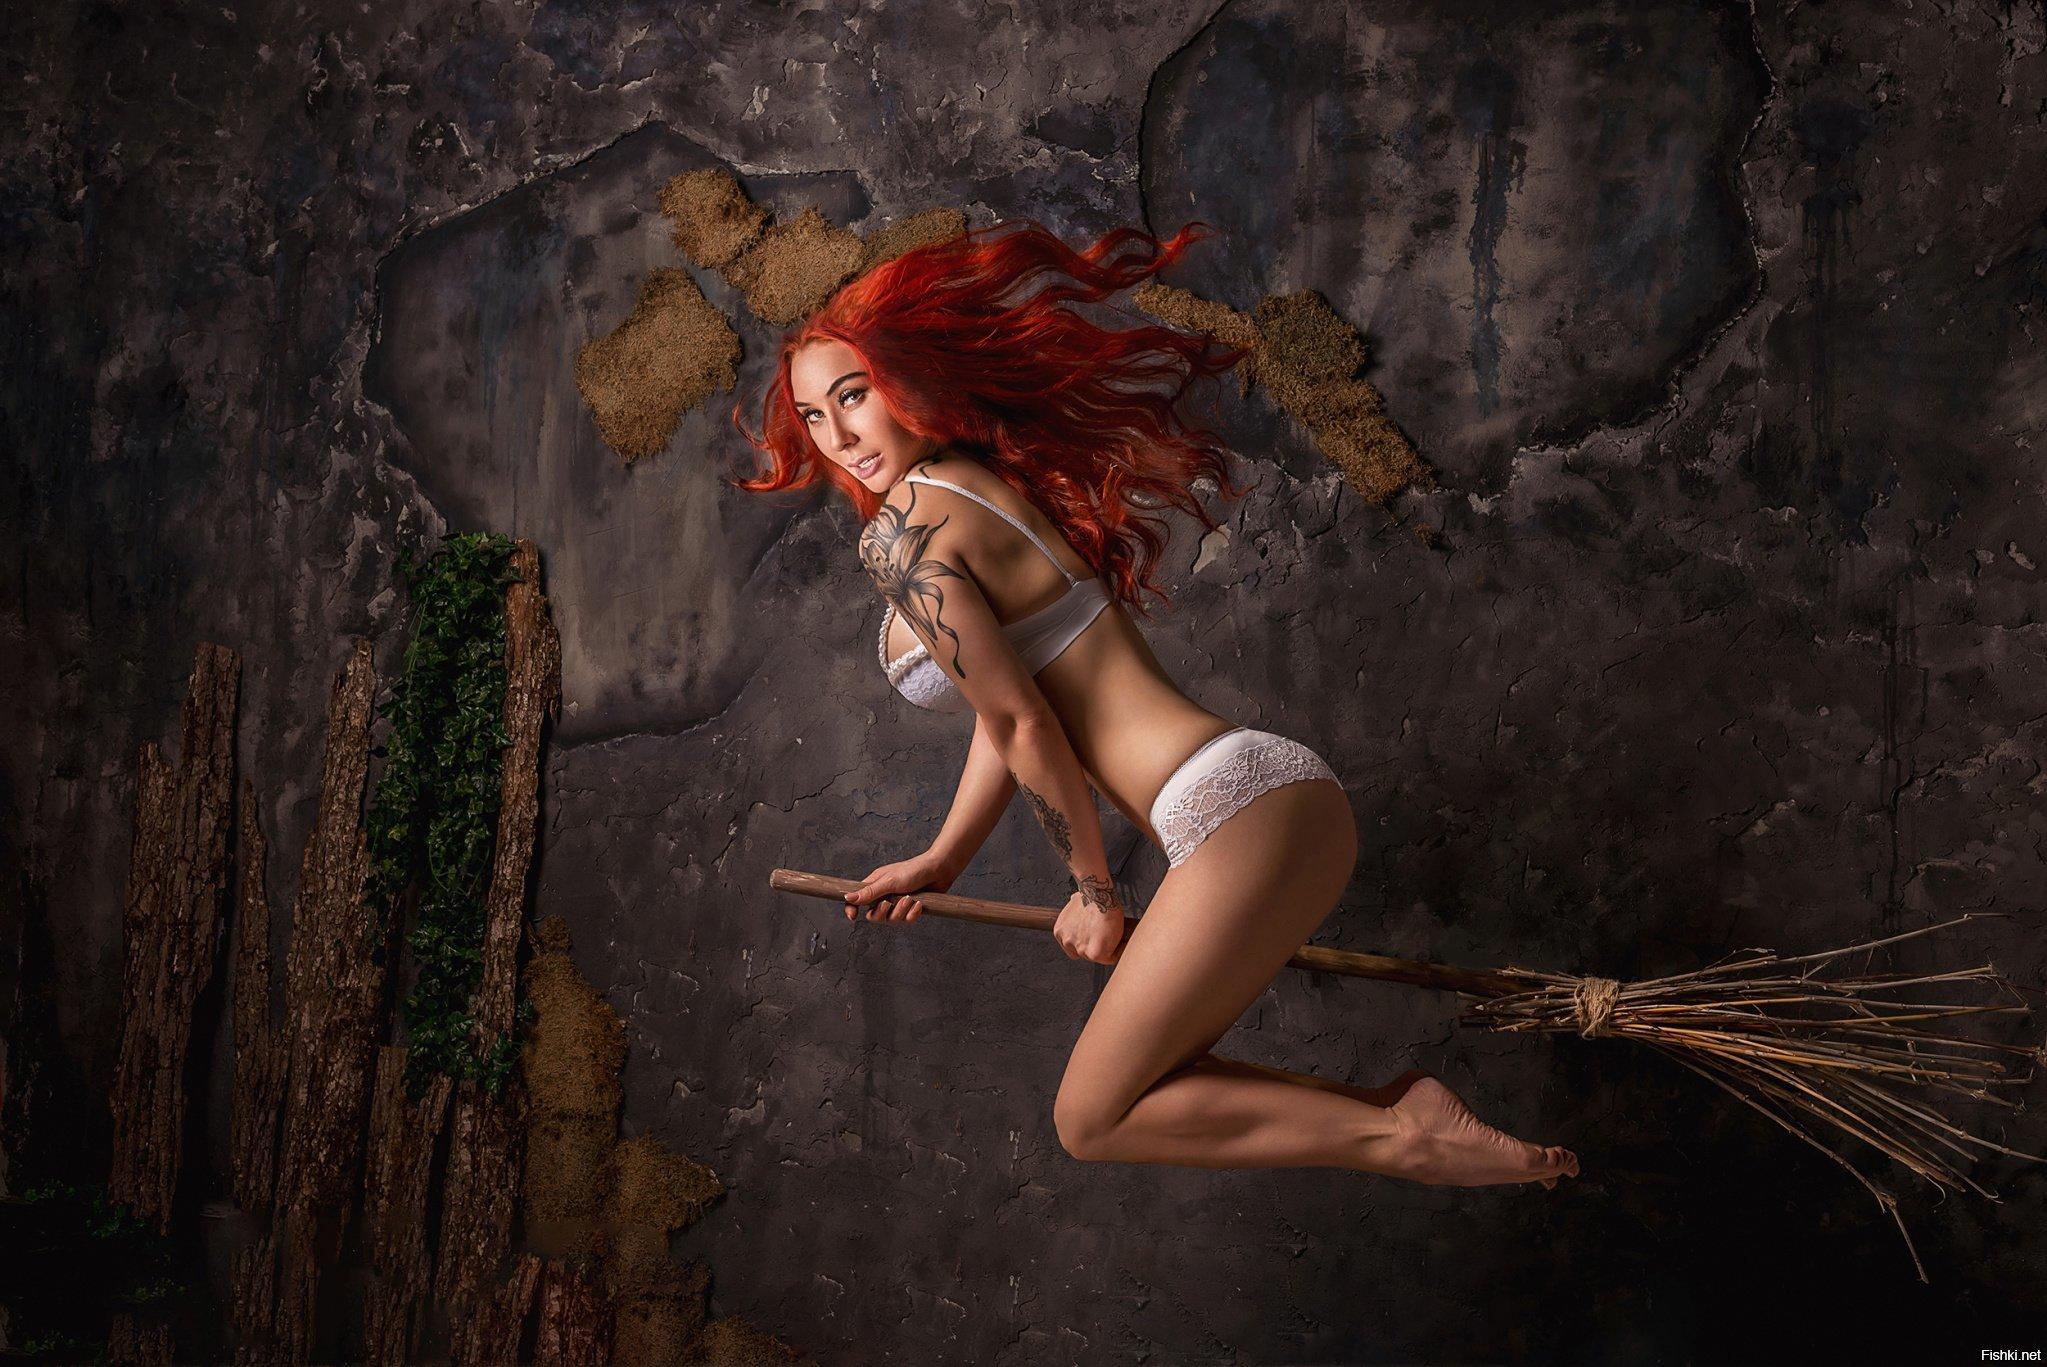 Картинка с рыжей ведьмой на метле